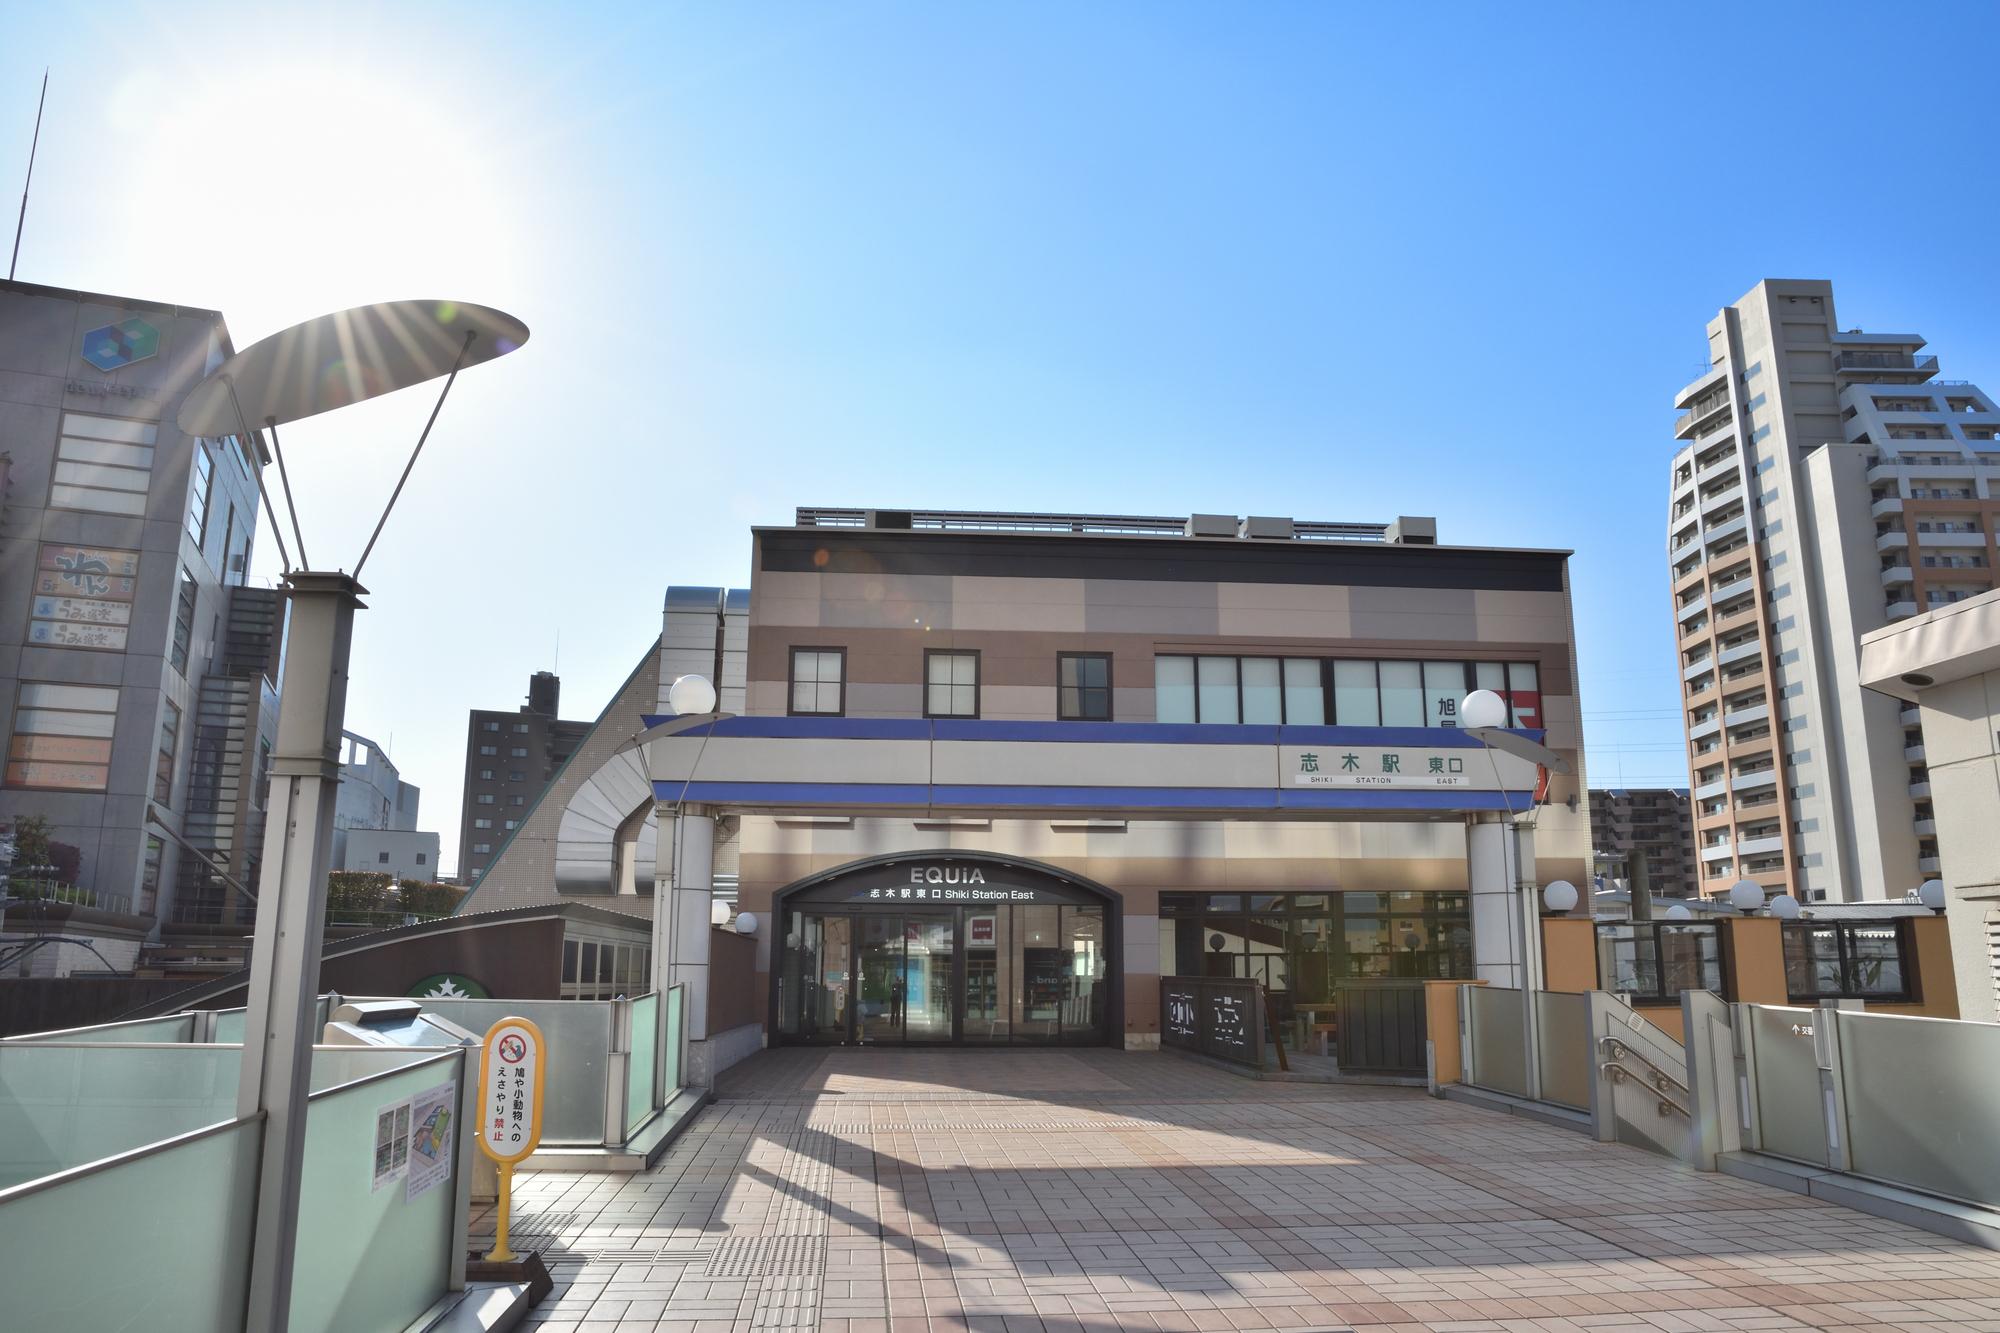 日曜に通院したい方へ!志木市の歯医者さん、おすすめポイント紹介